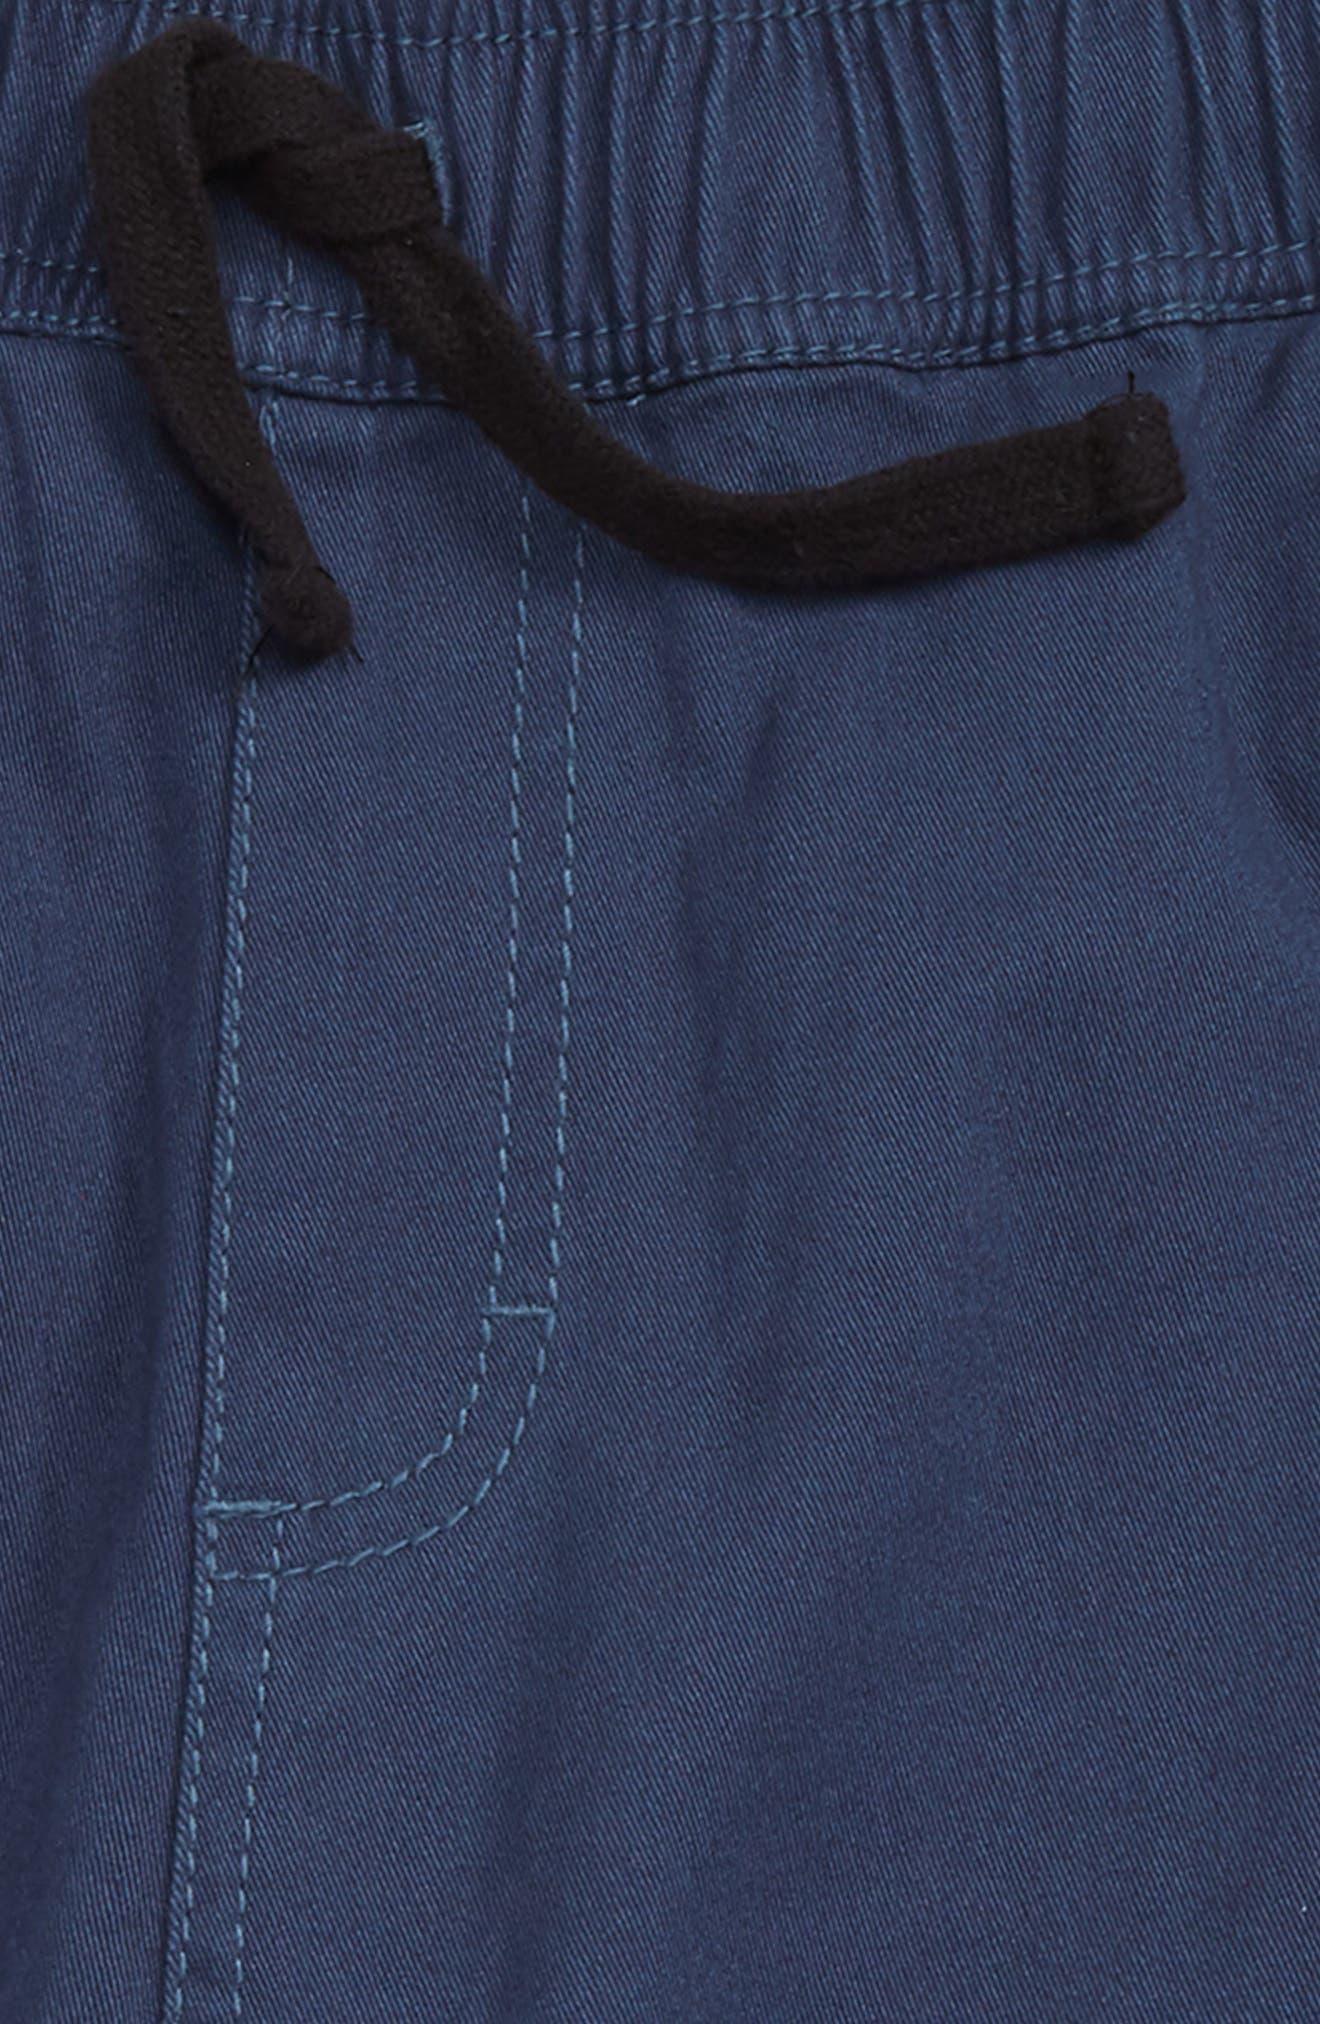 Jogger Shorts,                             Alternate thumbnail 7, color,